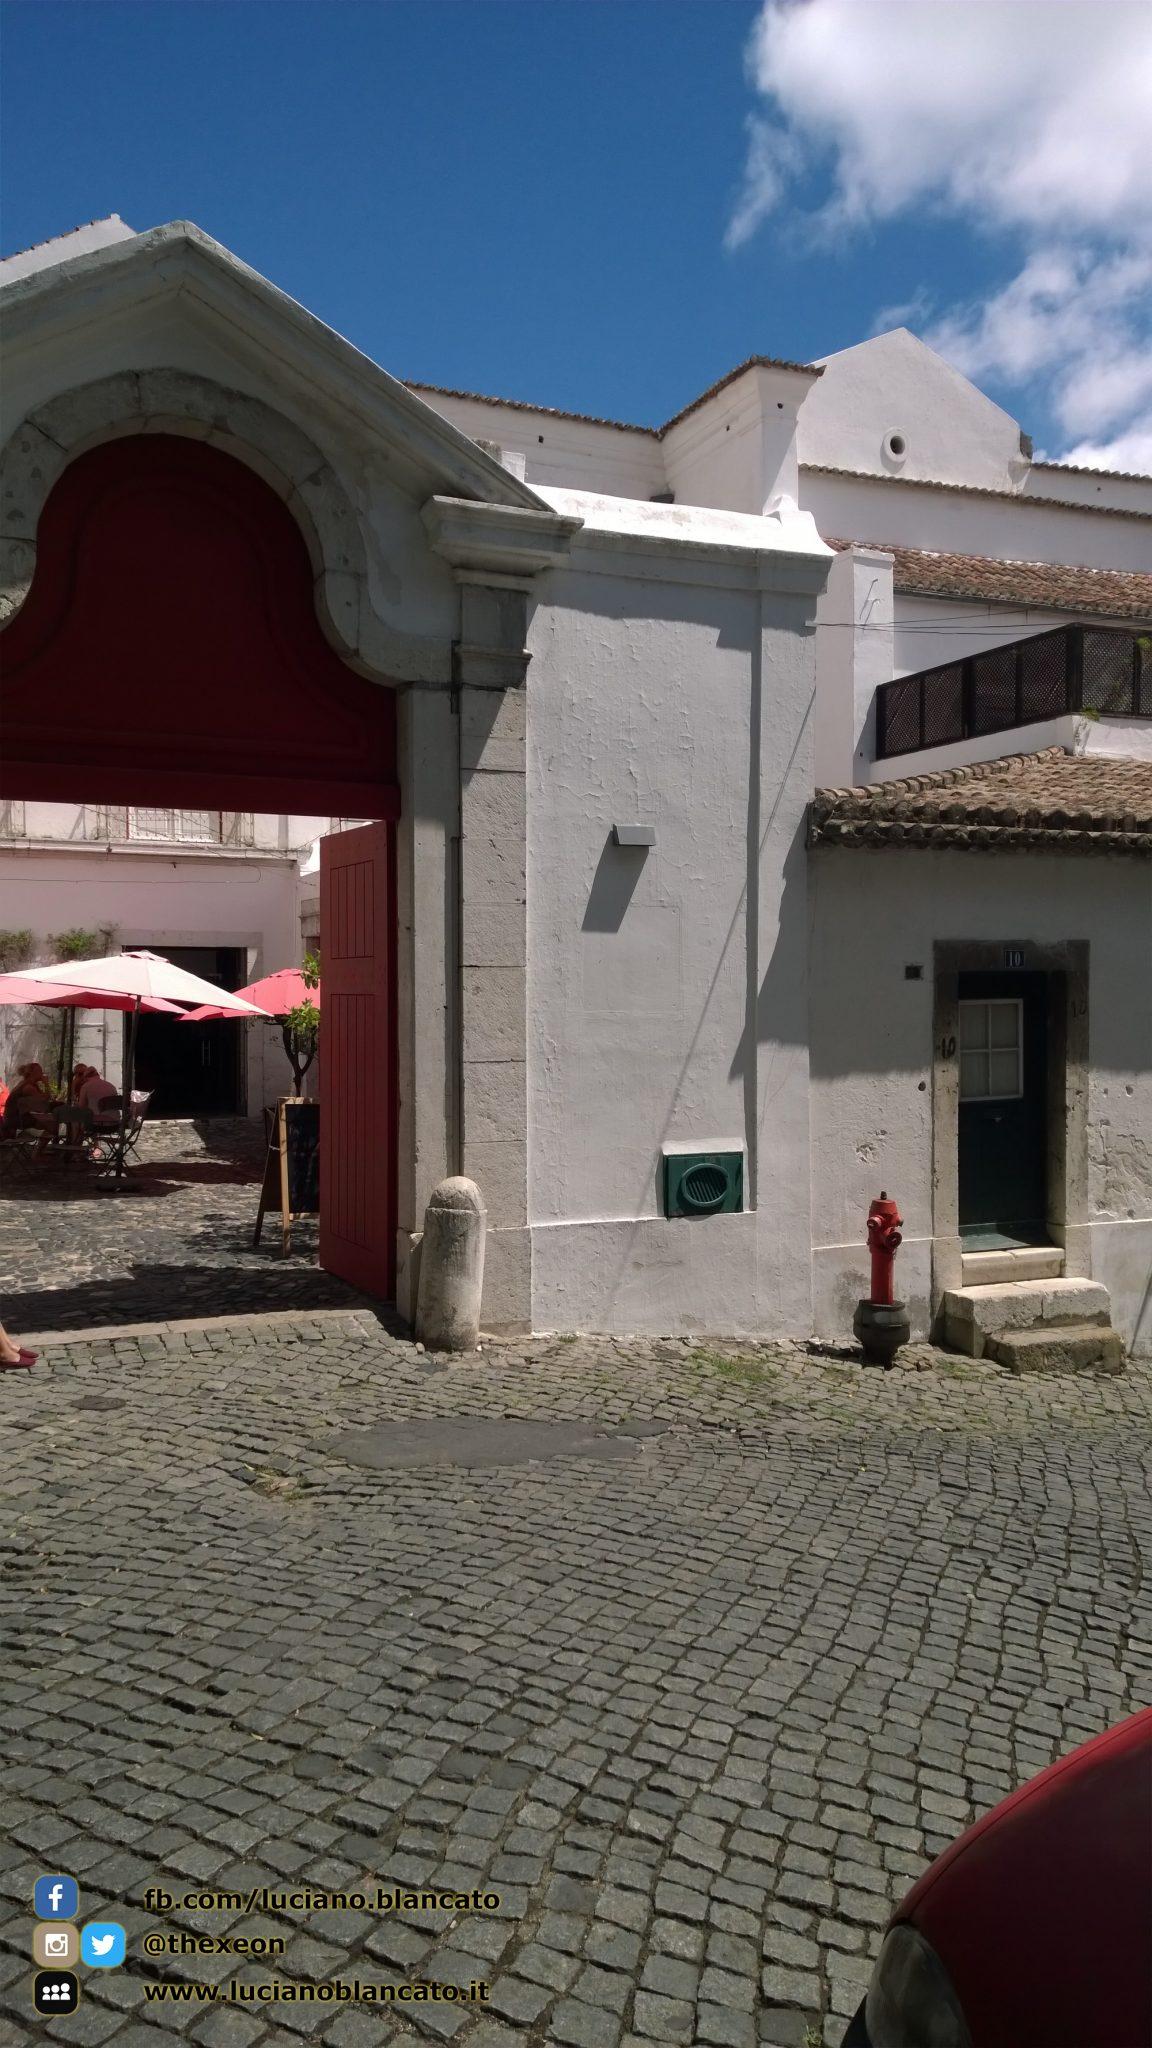 Lisbona - Castello di São Jorge, R. de Santa Cruz do Castelo